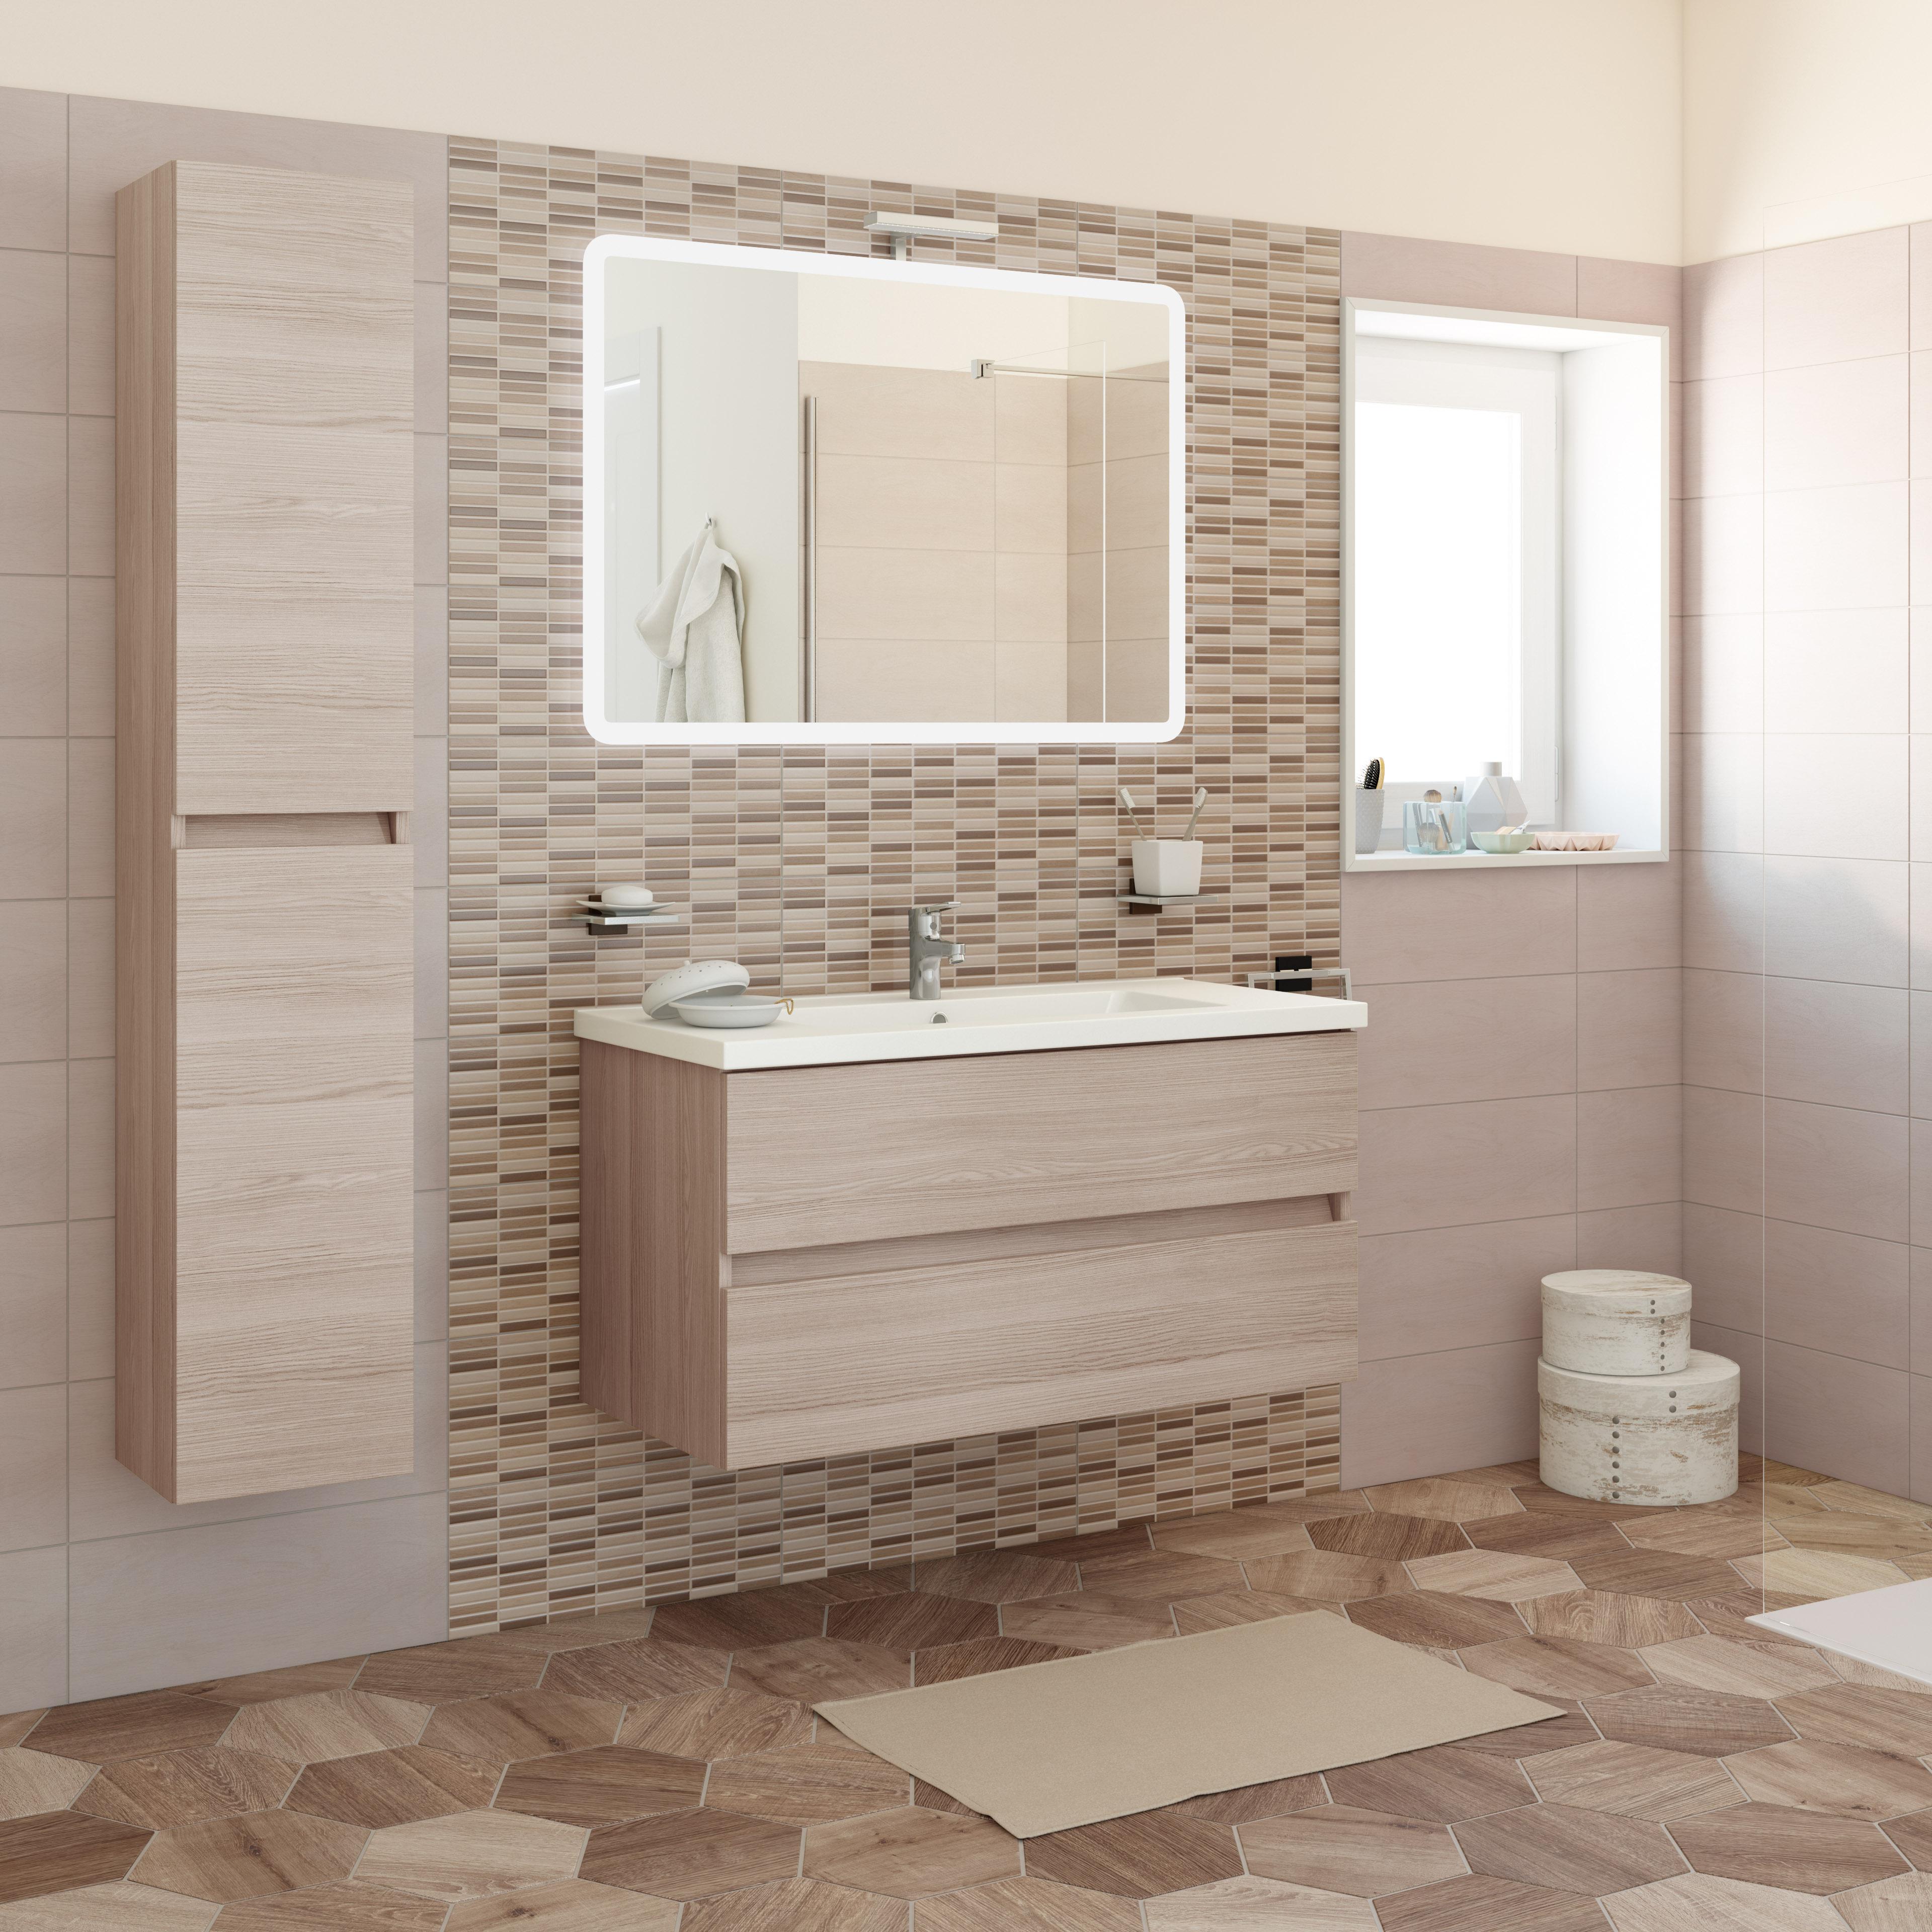 Armadietto bagno olmo idee per la casa - Armadietto bagno leroy merlin ...